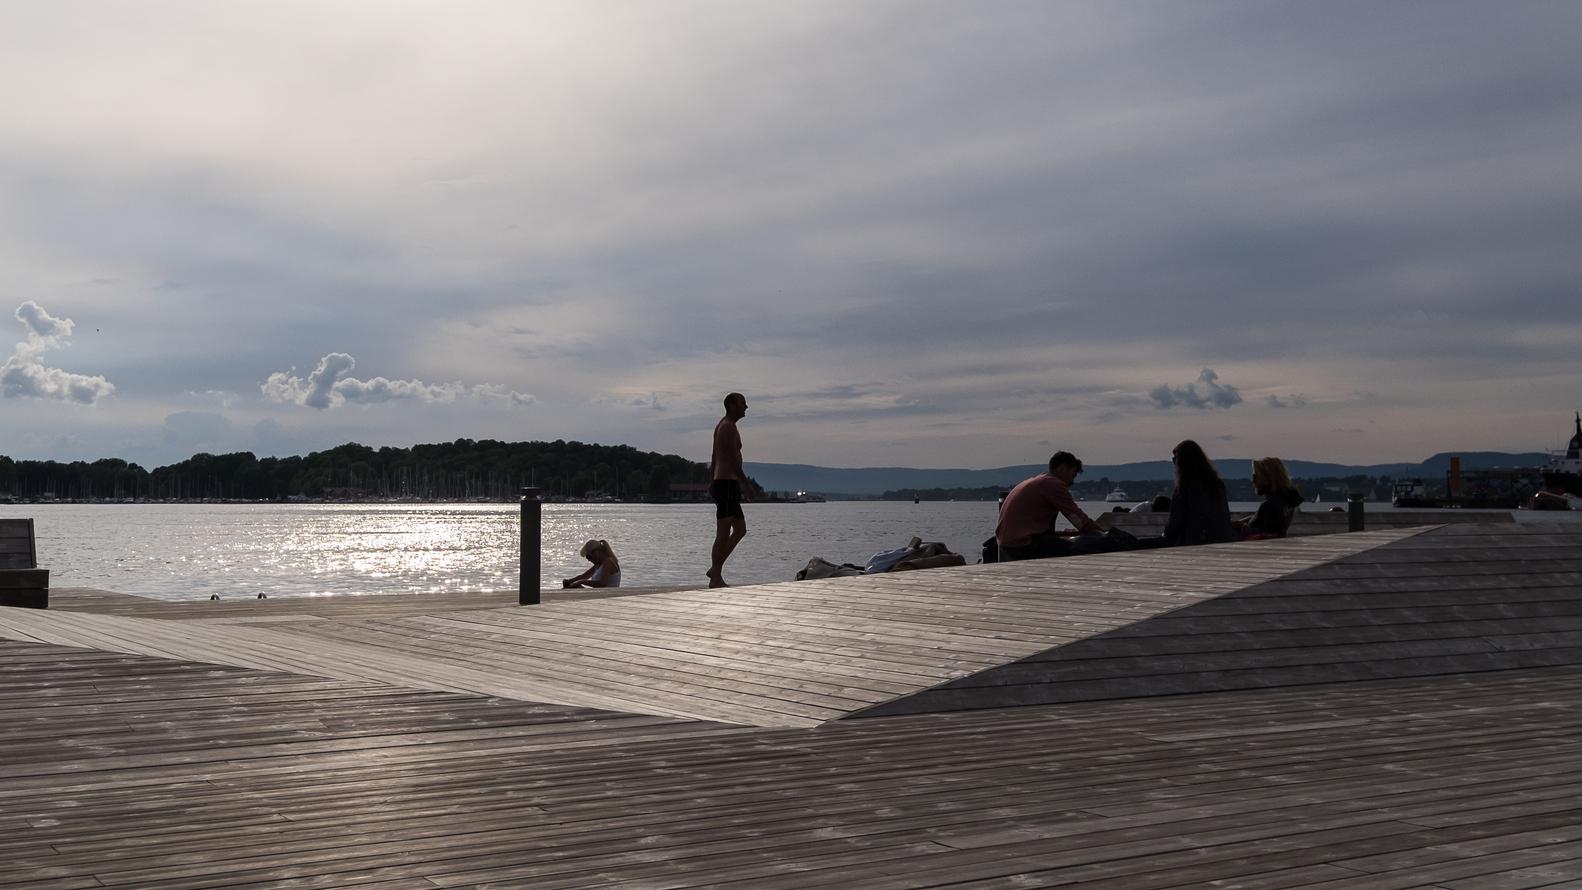 Deck de madera en espacios públicos: Suelos nobles para el encuentro colectivo,Sørenga Sjøbad / LPO arkitekter. Image © Tove Lauluten